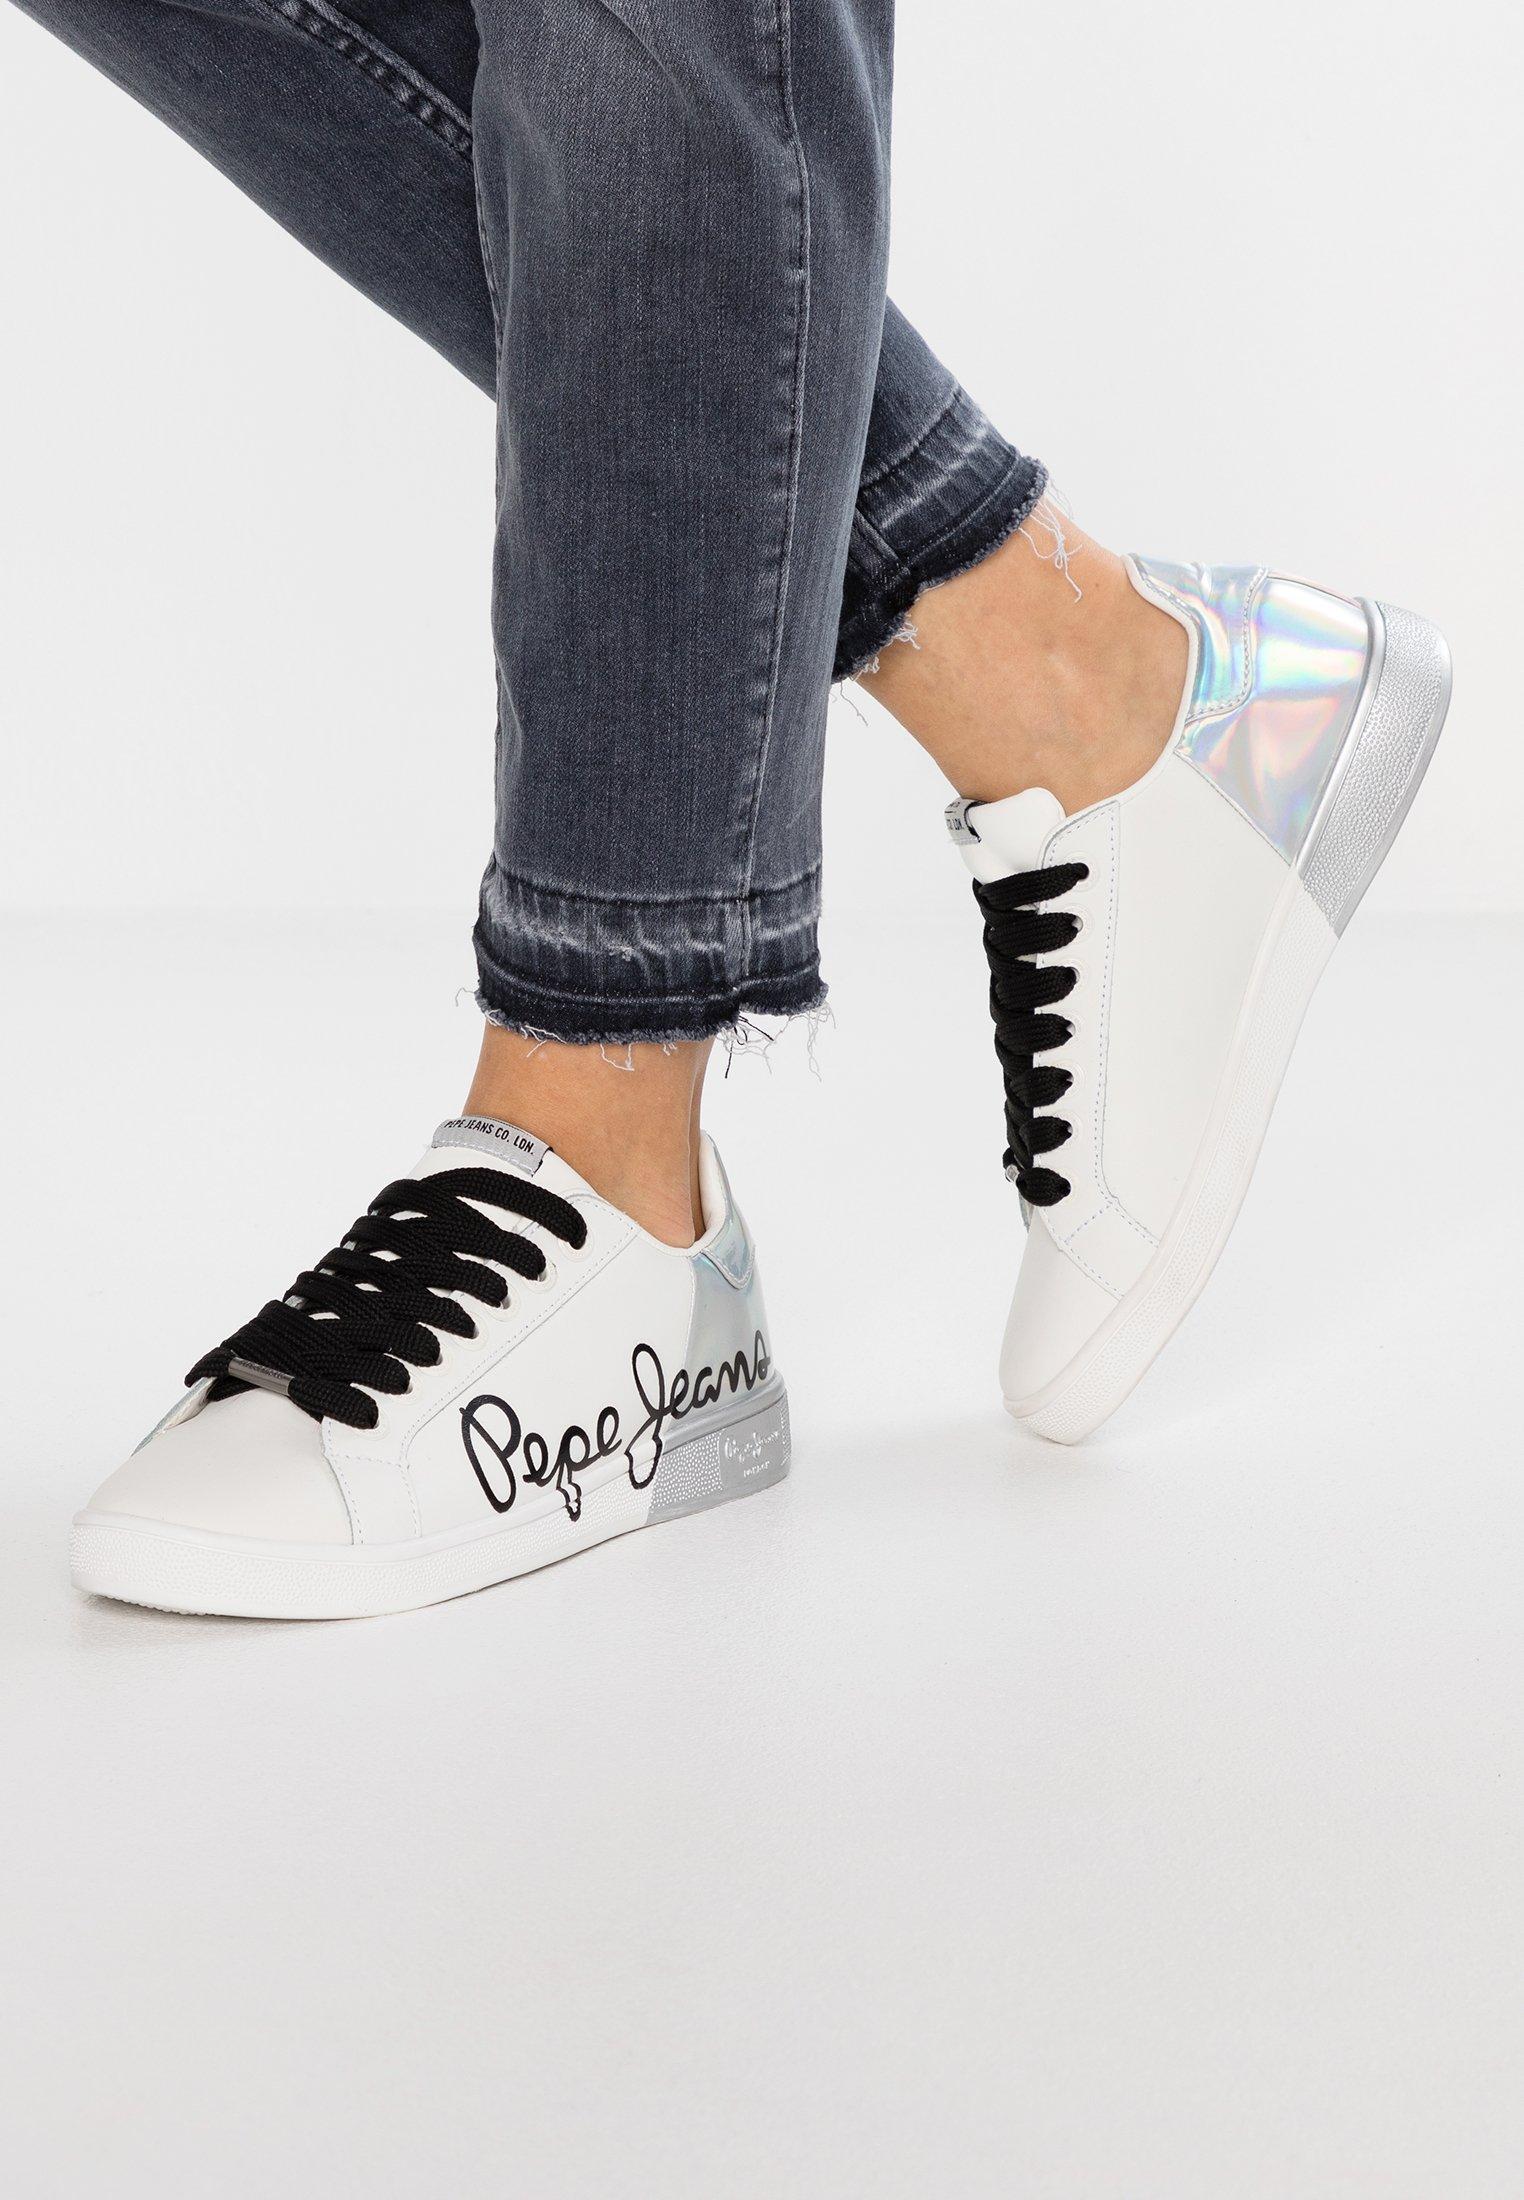 Stivali da uomo Pepe Jeans | Disponibili su Zalando